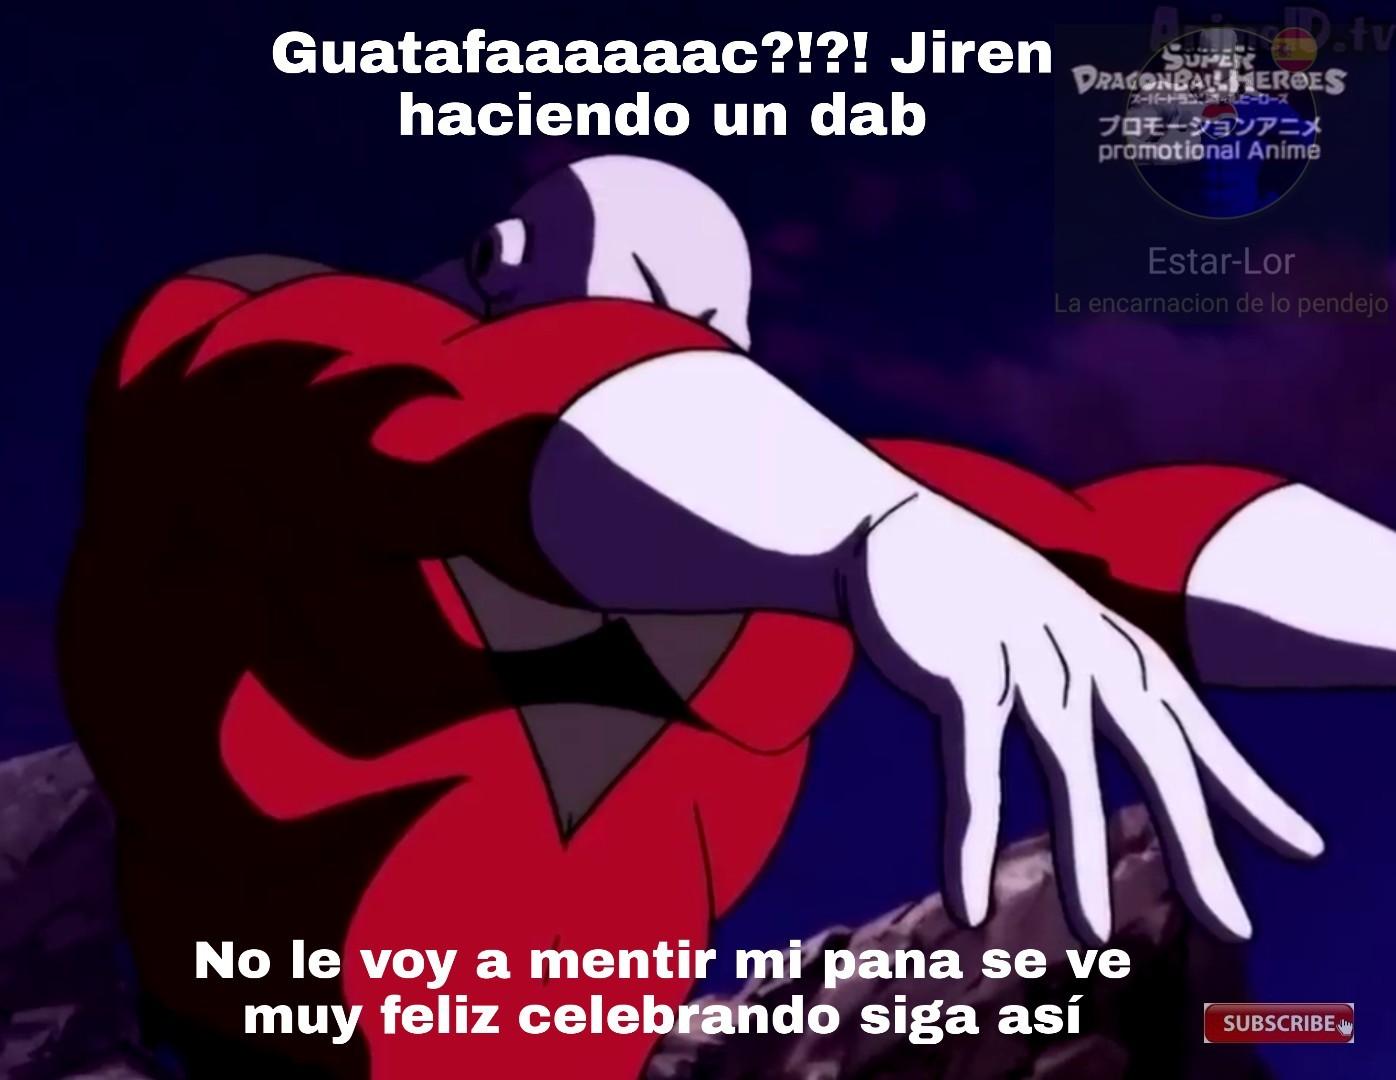 Gustafaaaac?!?! - meme